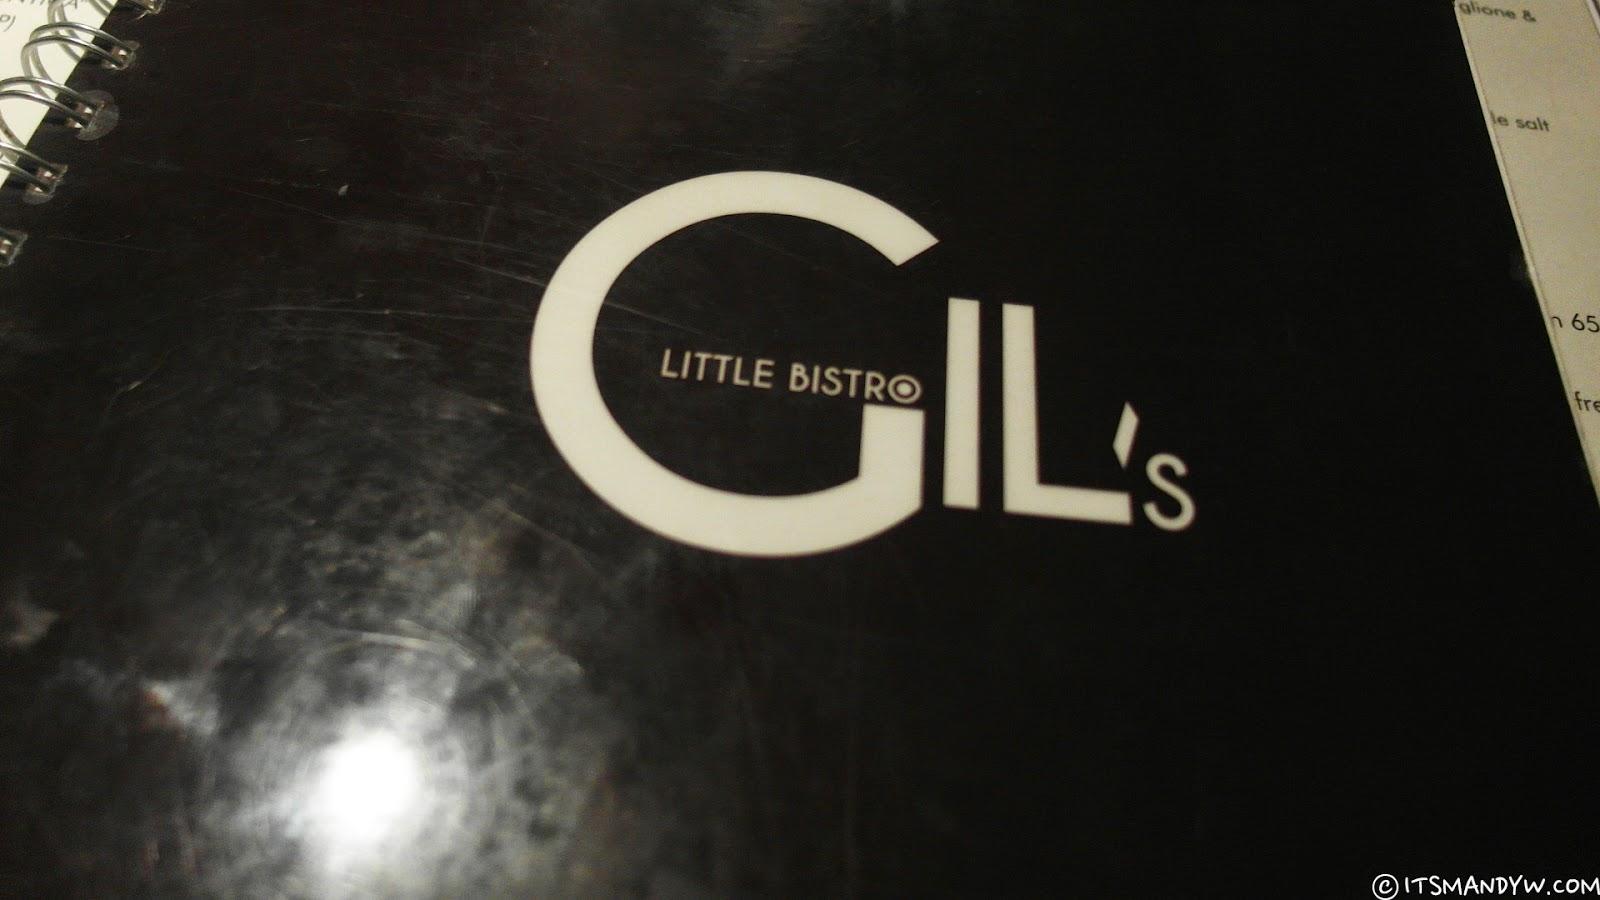 🇭🇷 克羅地亞 | 世界盃小趣事 - Gil's Little Bistro